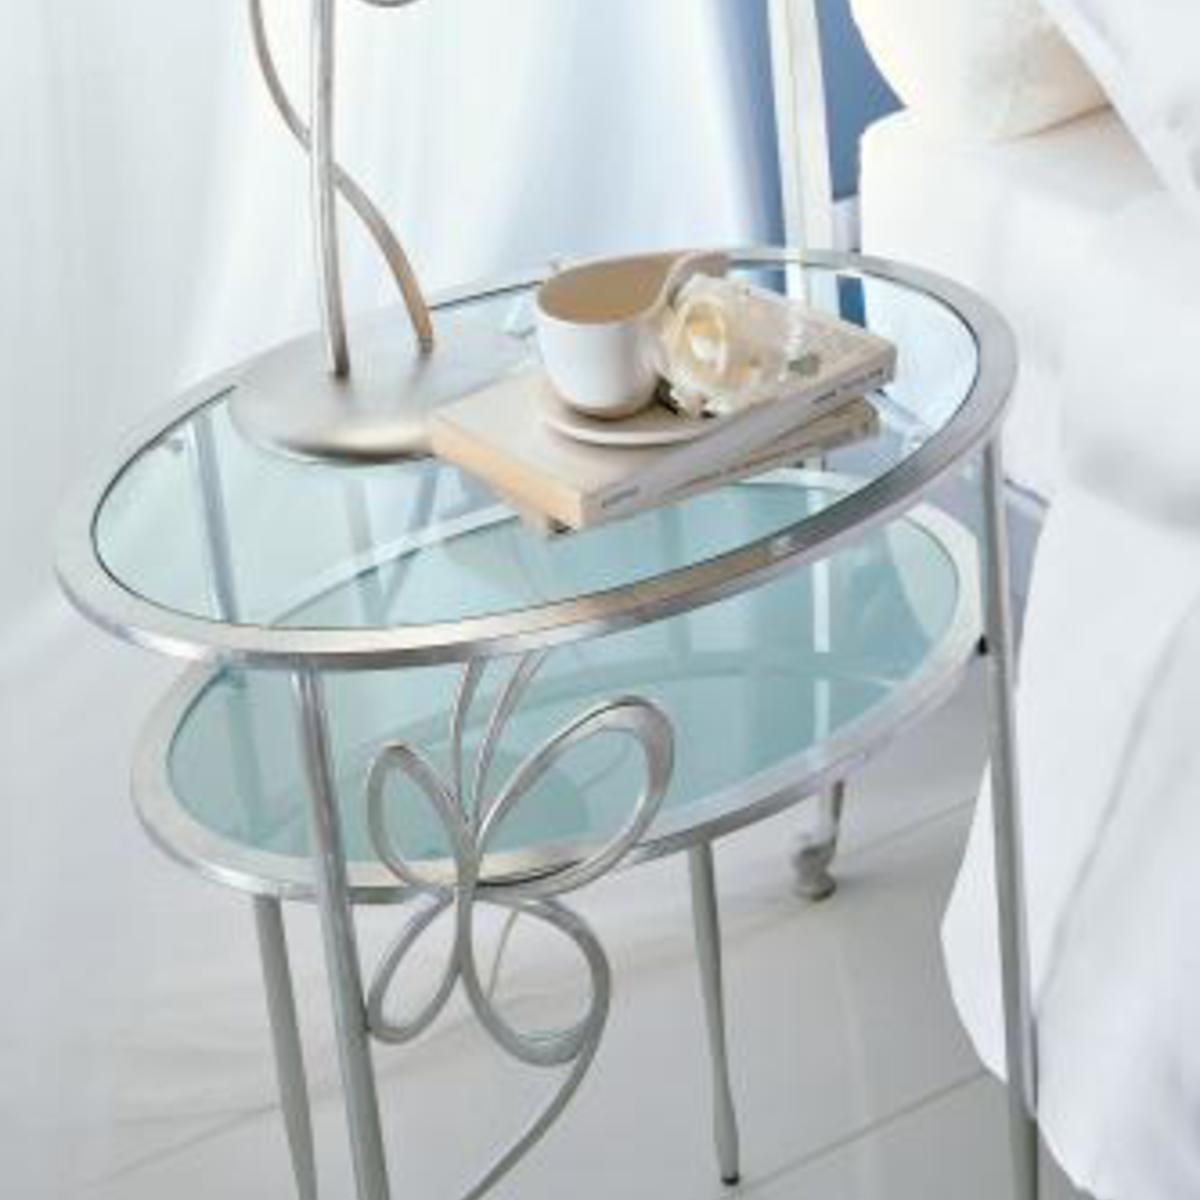 Ciacci Capriccio Bedside Table